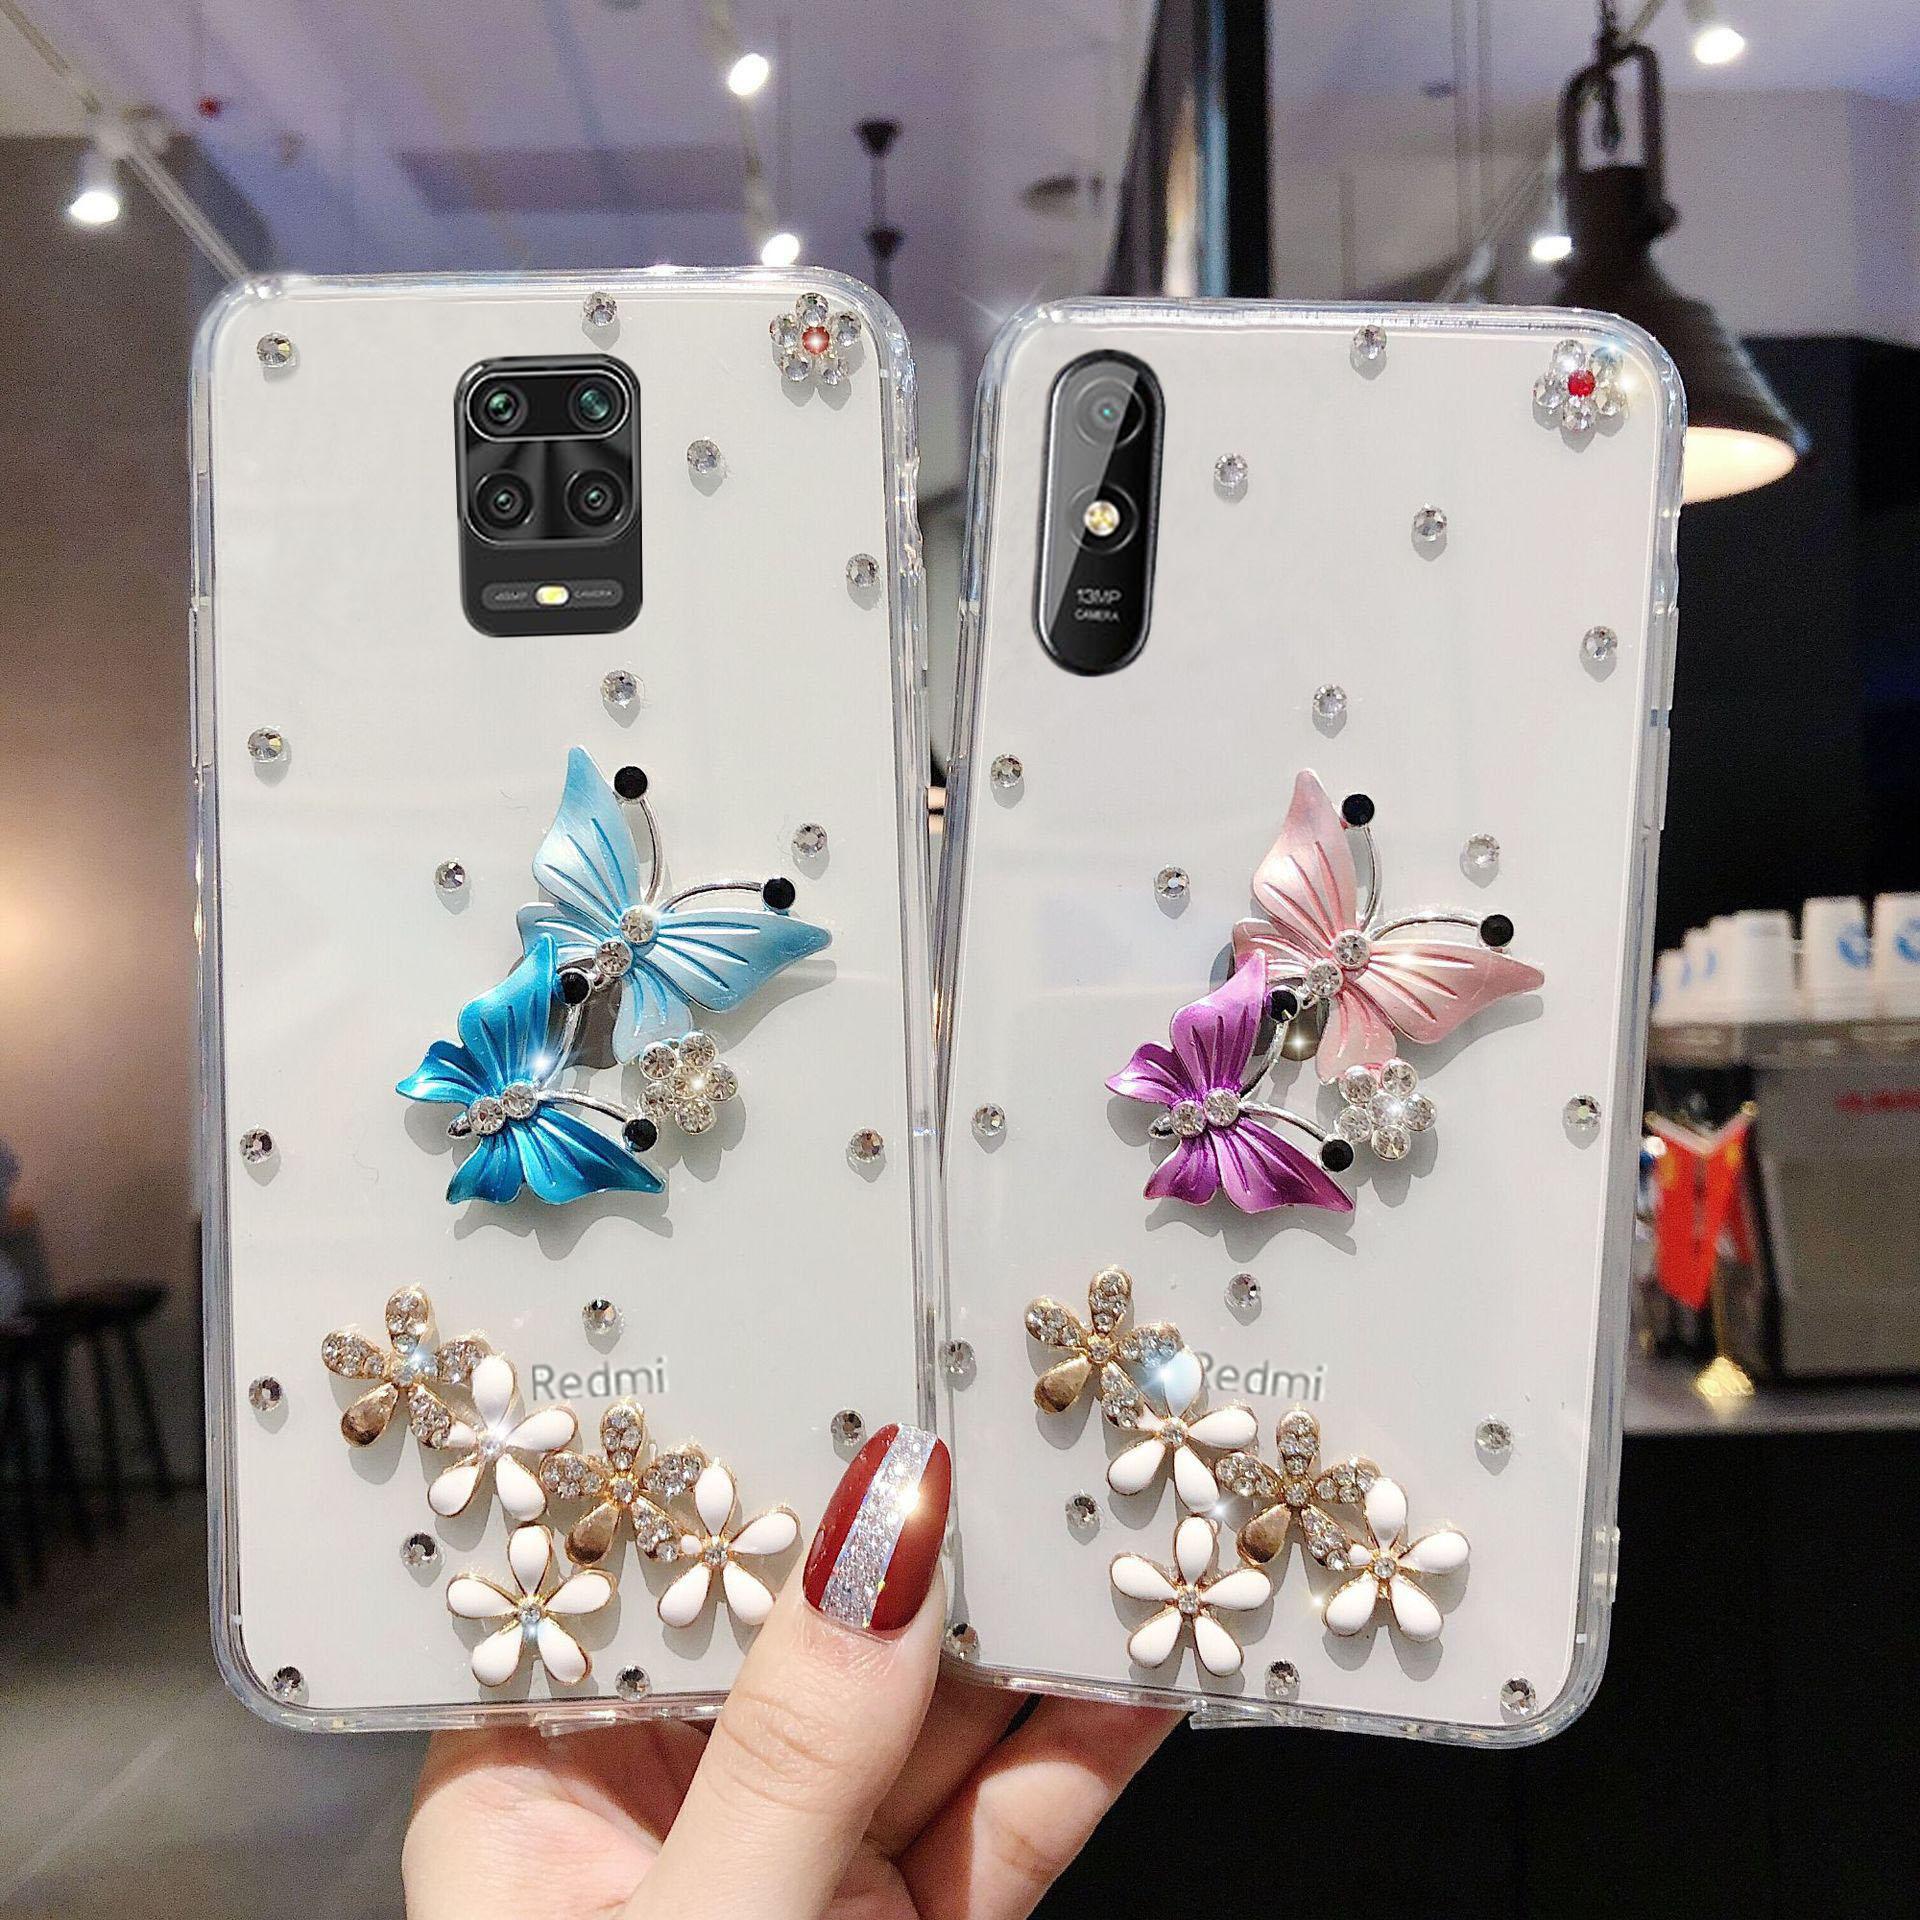 Роскошный чехол с бабочкой для Xiaomi Redmi Note 9s 8 8T 9 4A 4X 5 5A 6 6A 6 Pro 7A 7 8 Pro 8A S2 9AT 9A 9C, чехол с блестящими кристаллами